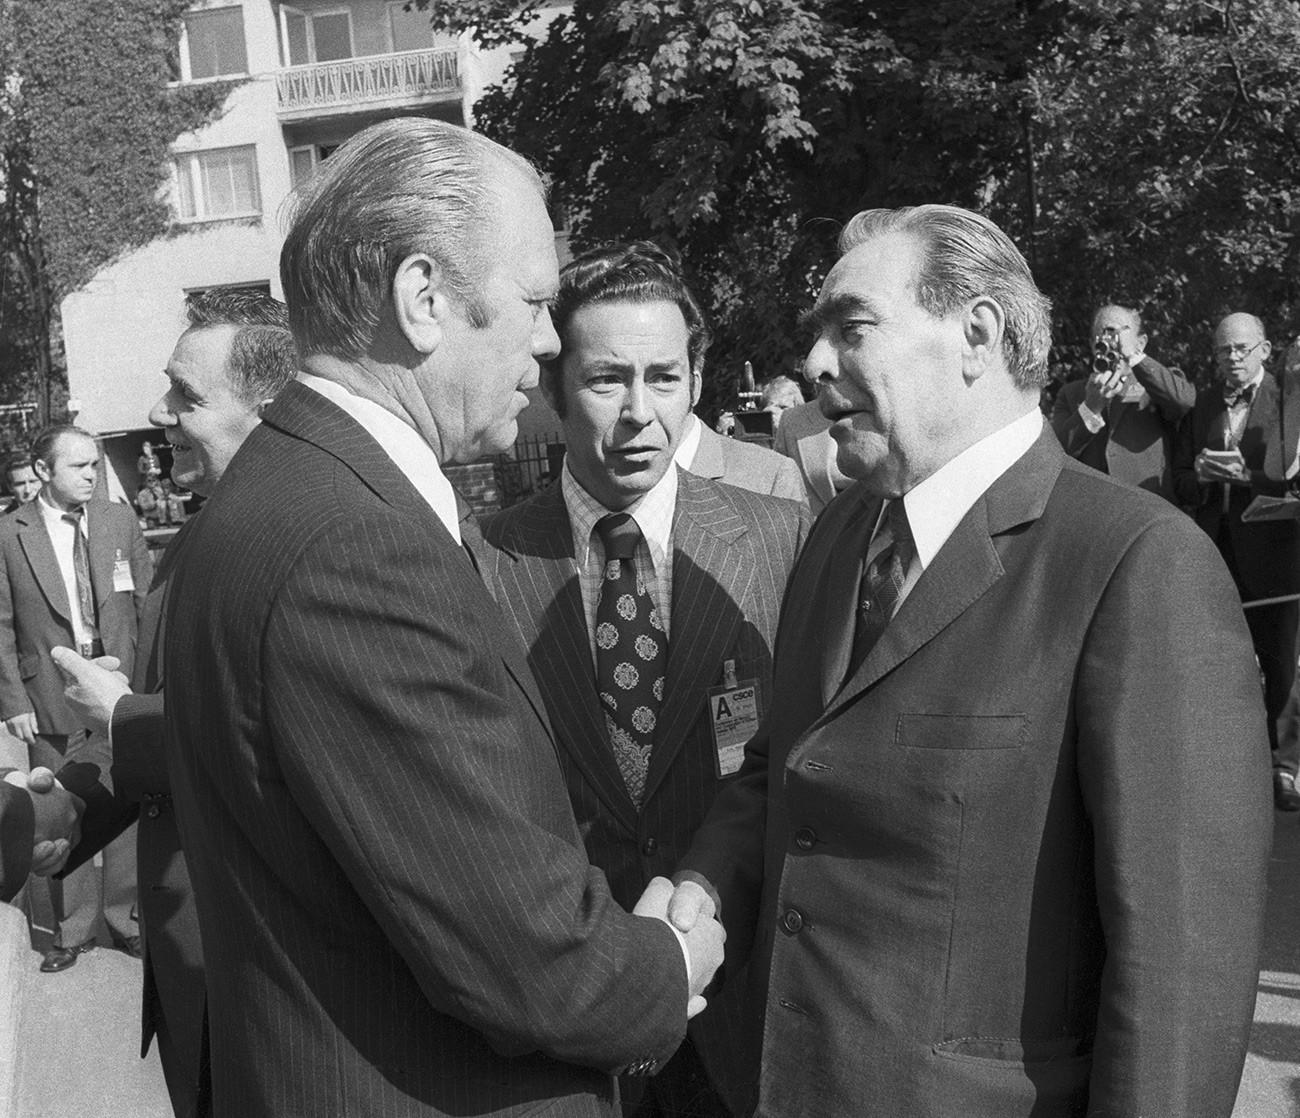 レオニード・ブレジネフ(右側)とジェラルド・フォード、ヘルシンキ